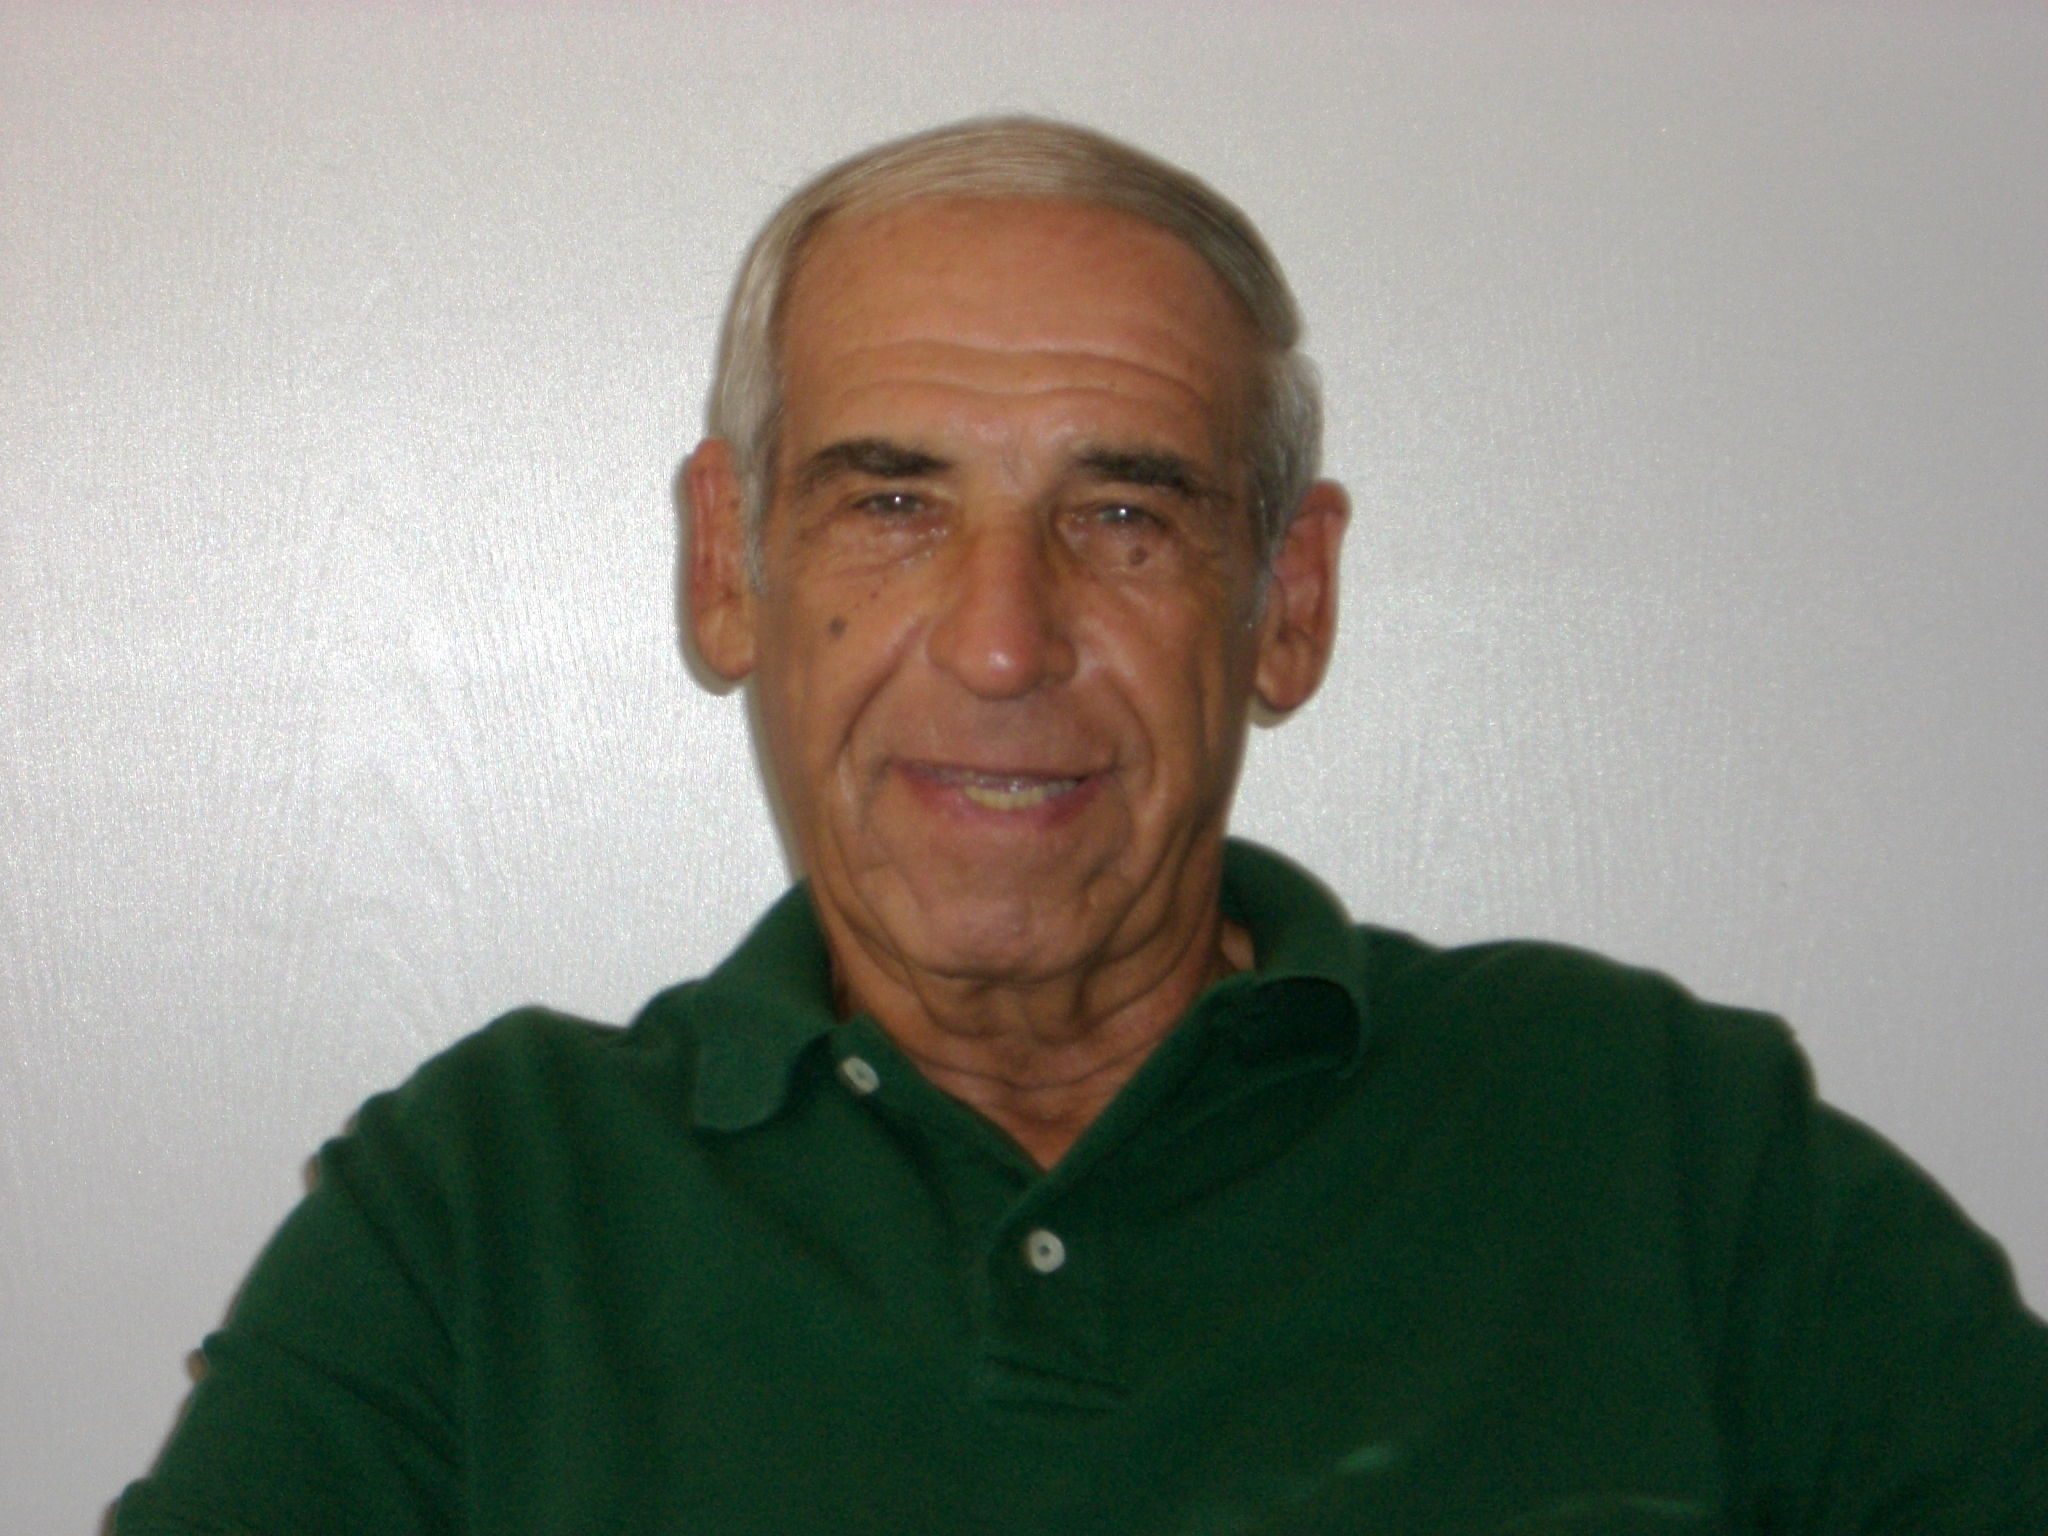 Hank Weiner